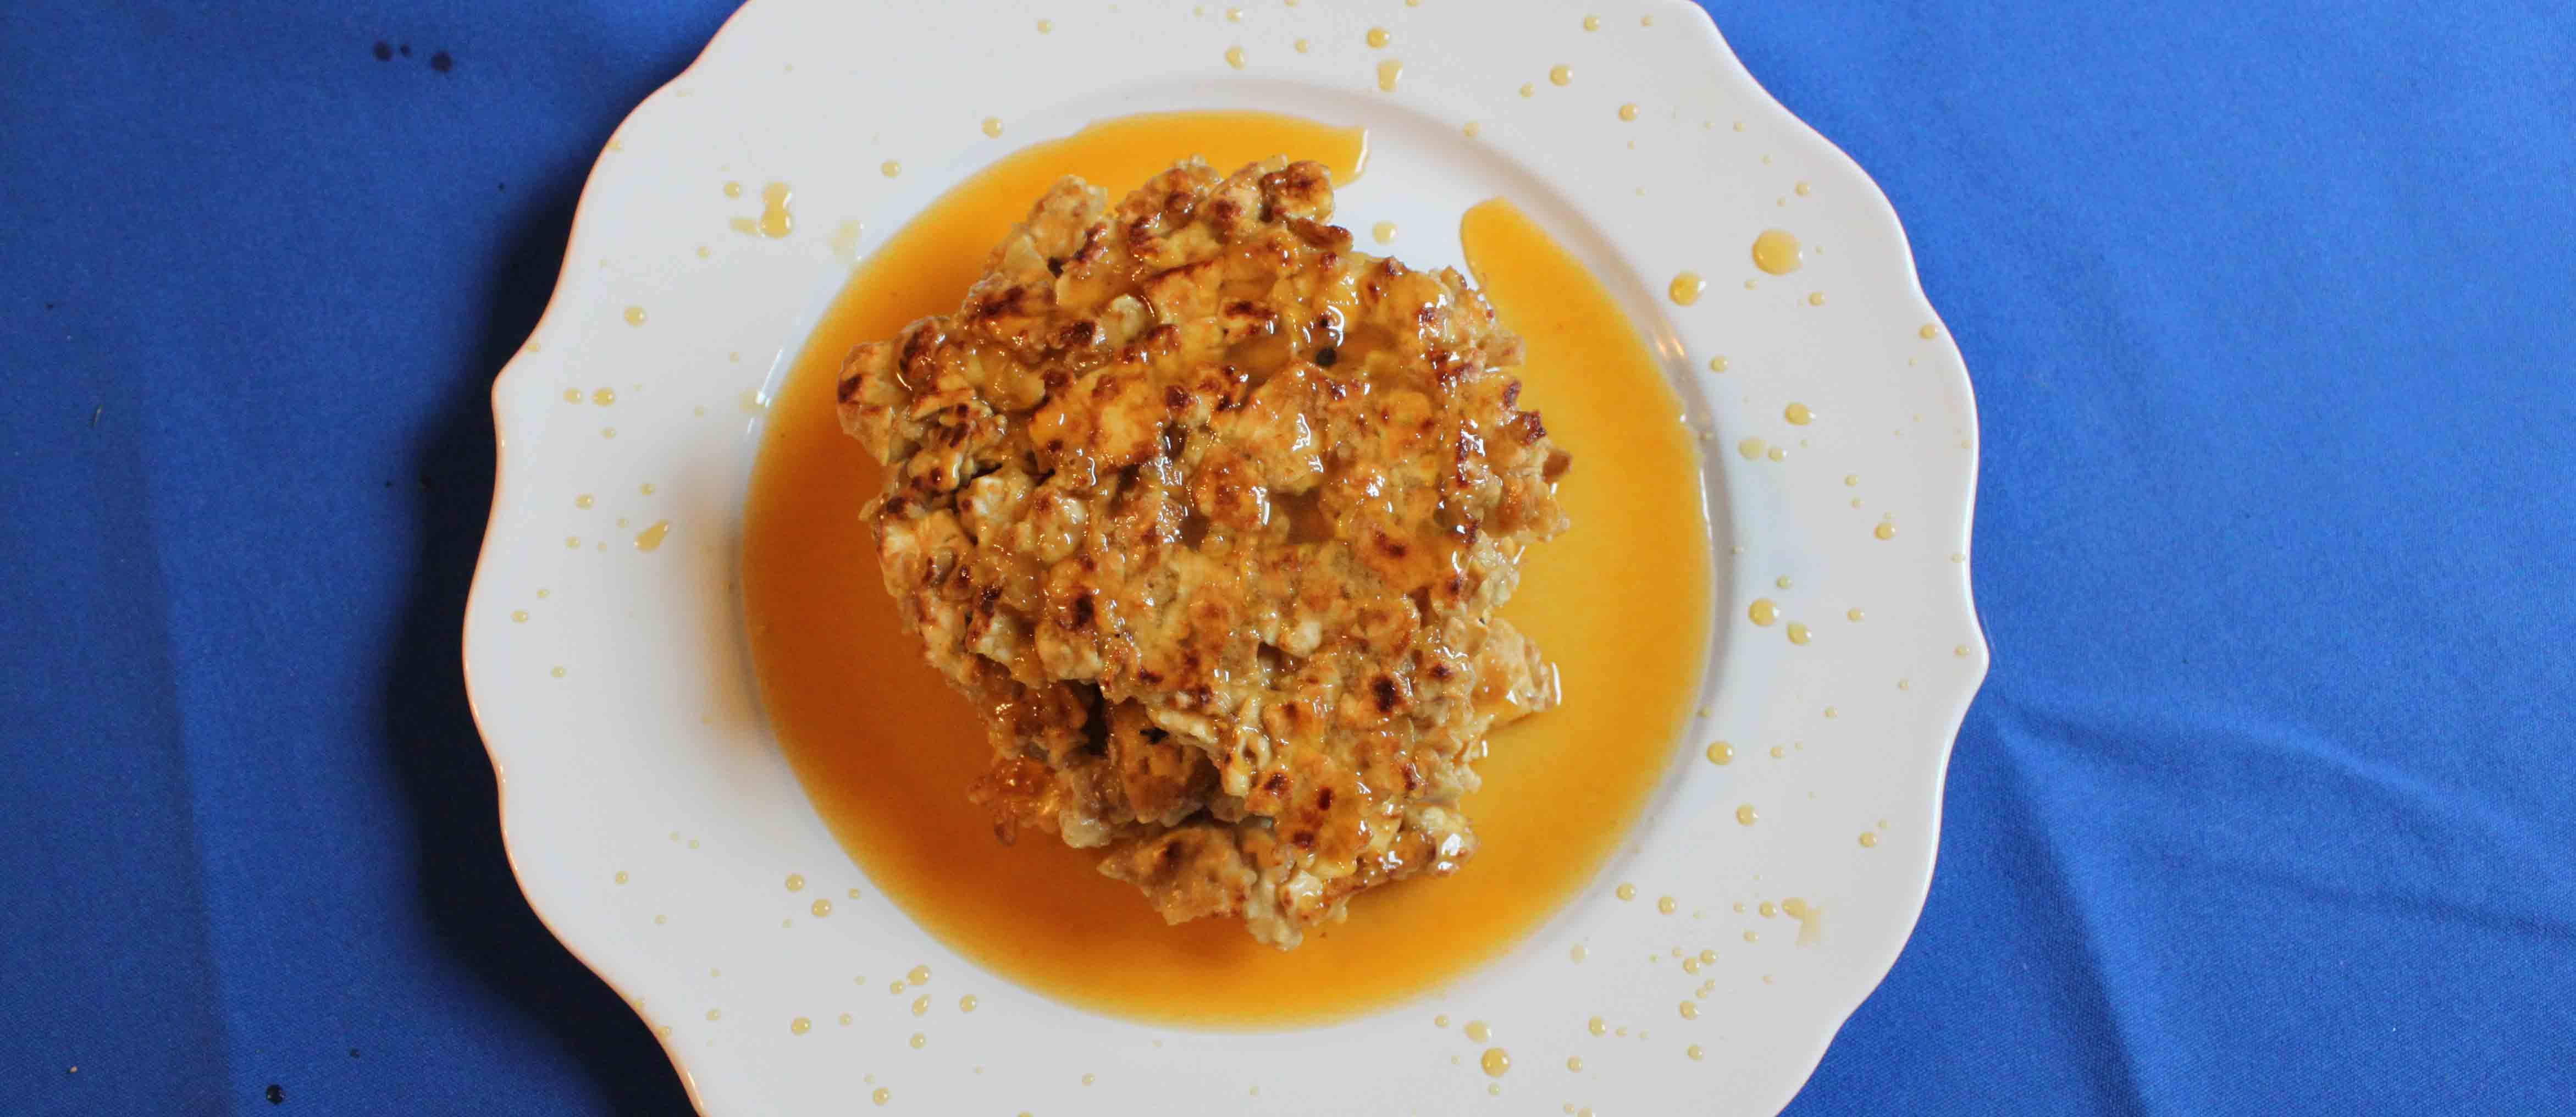 matzo-brei-pancakes